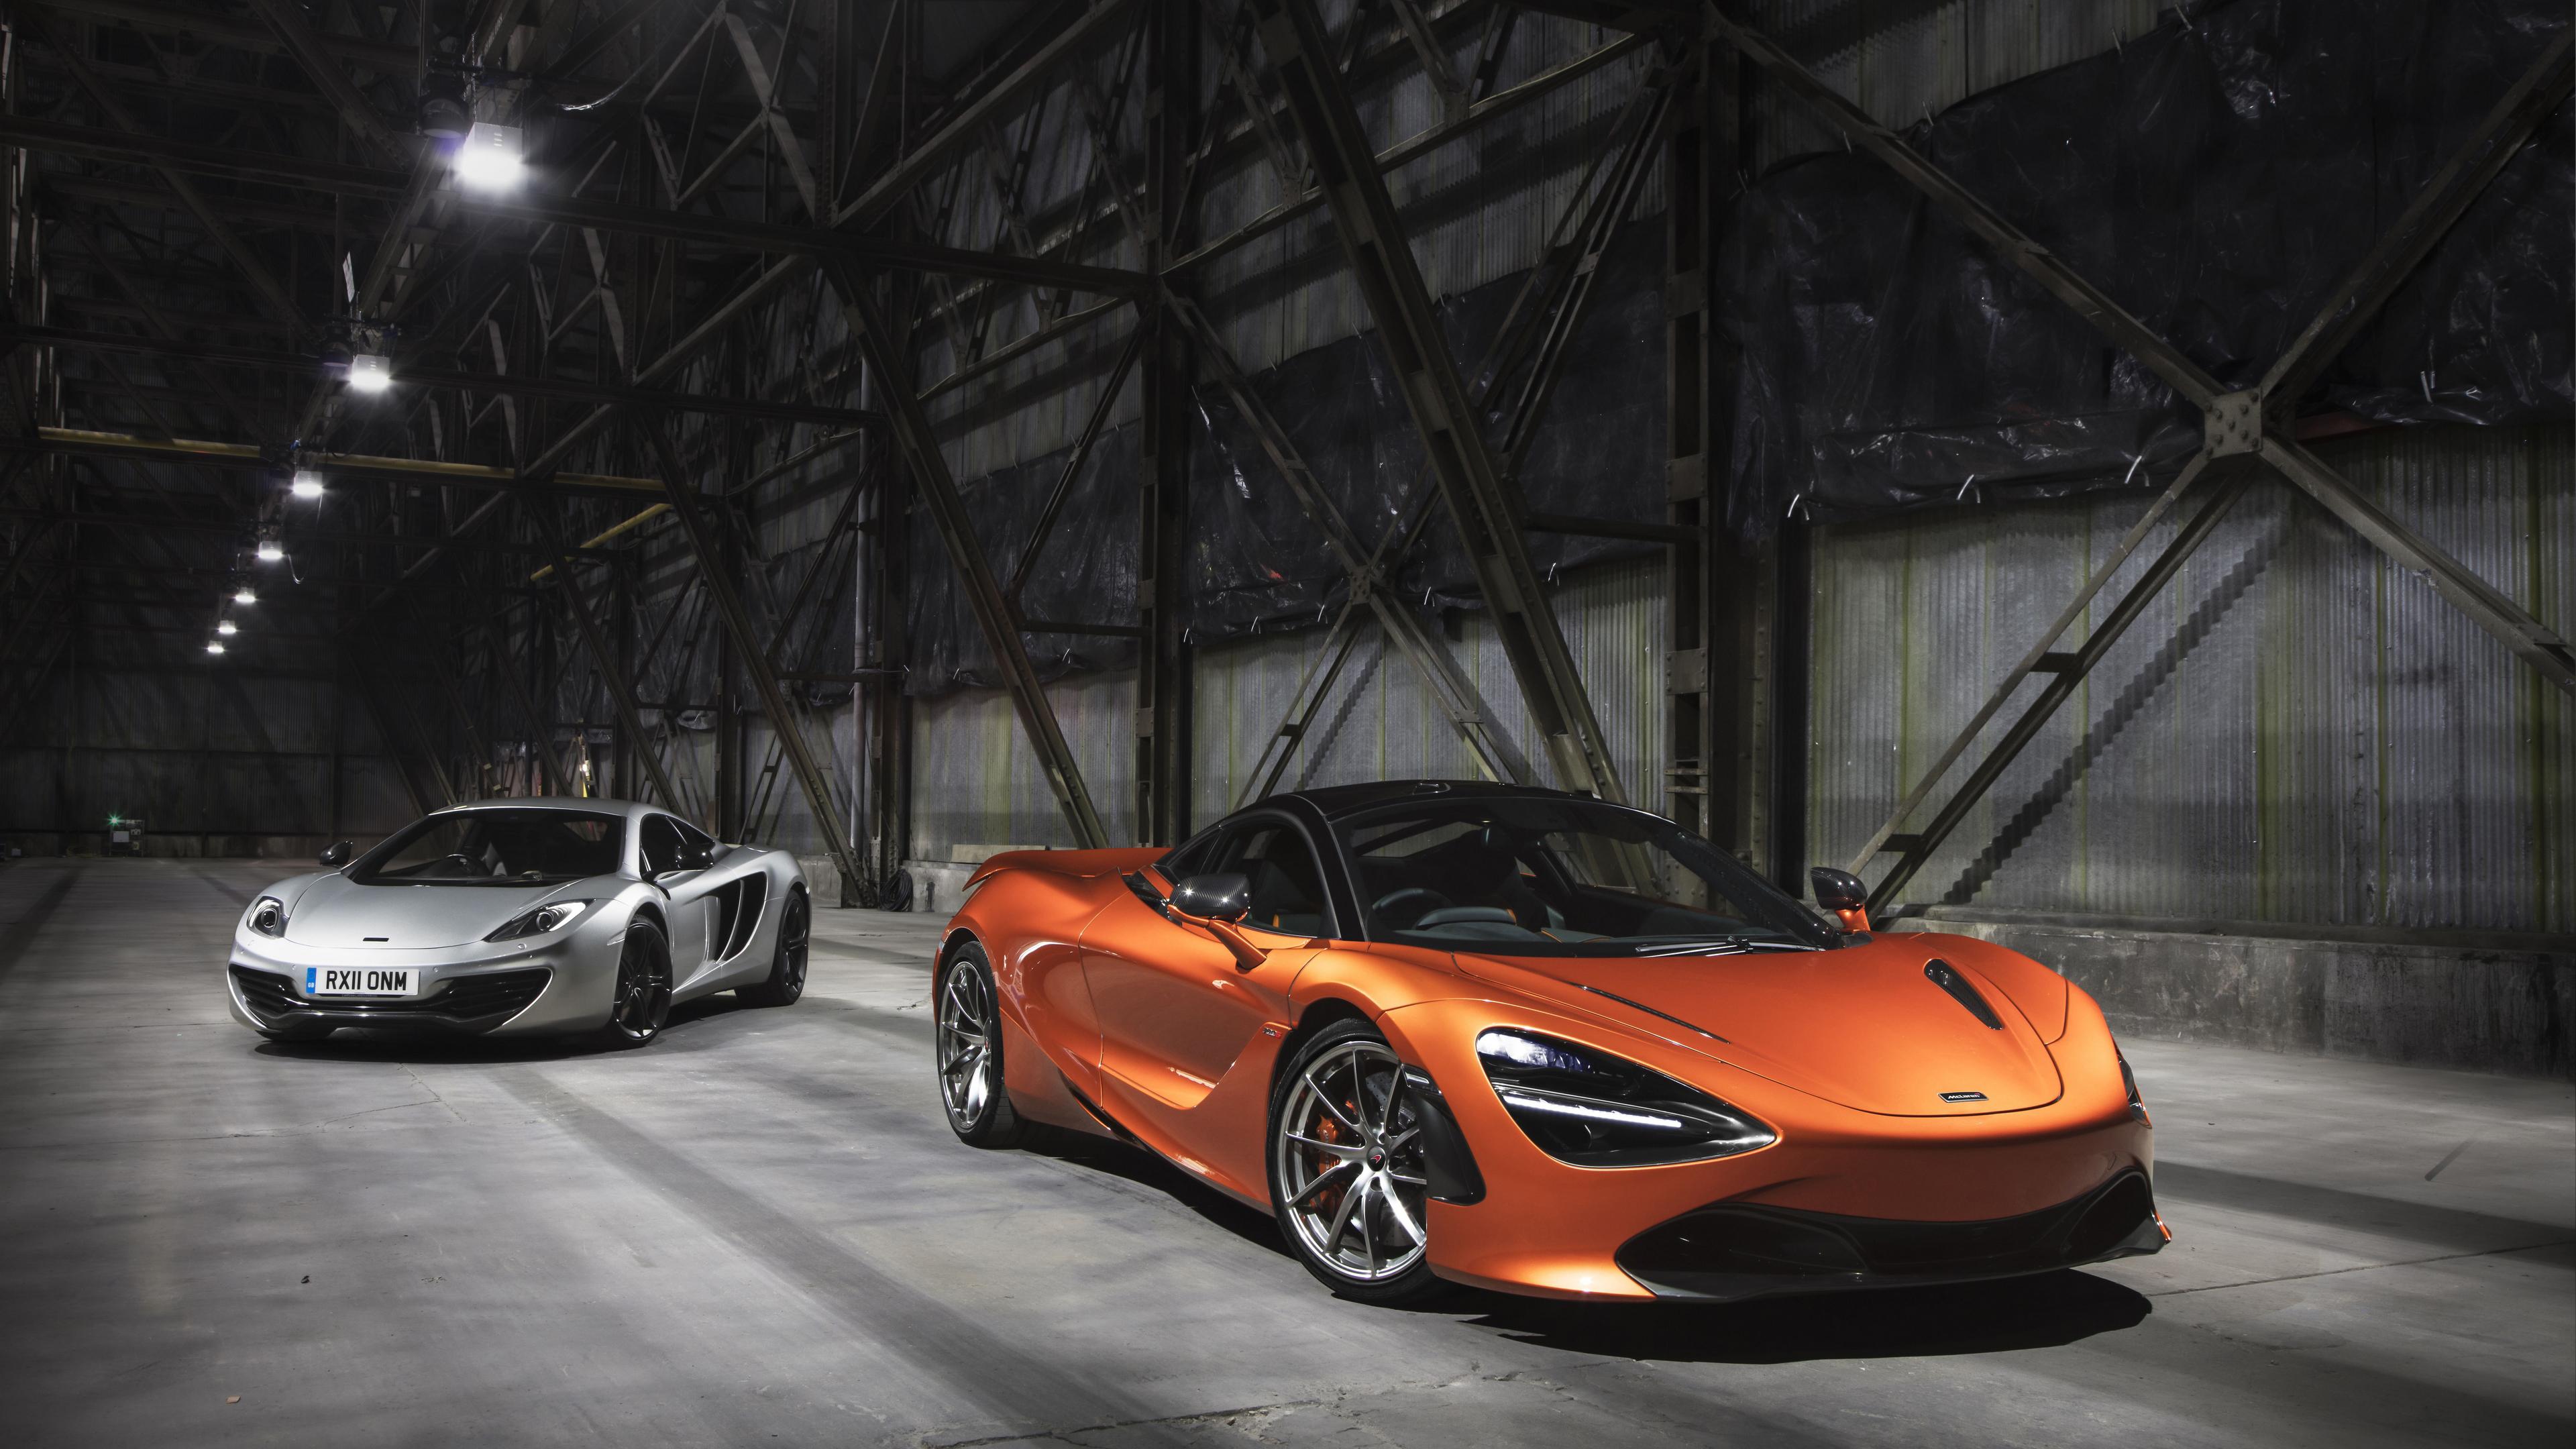 Автомобили оранжевый и серый